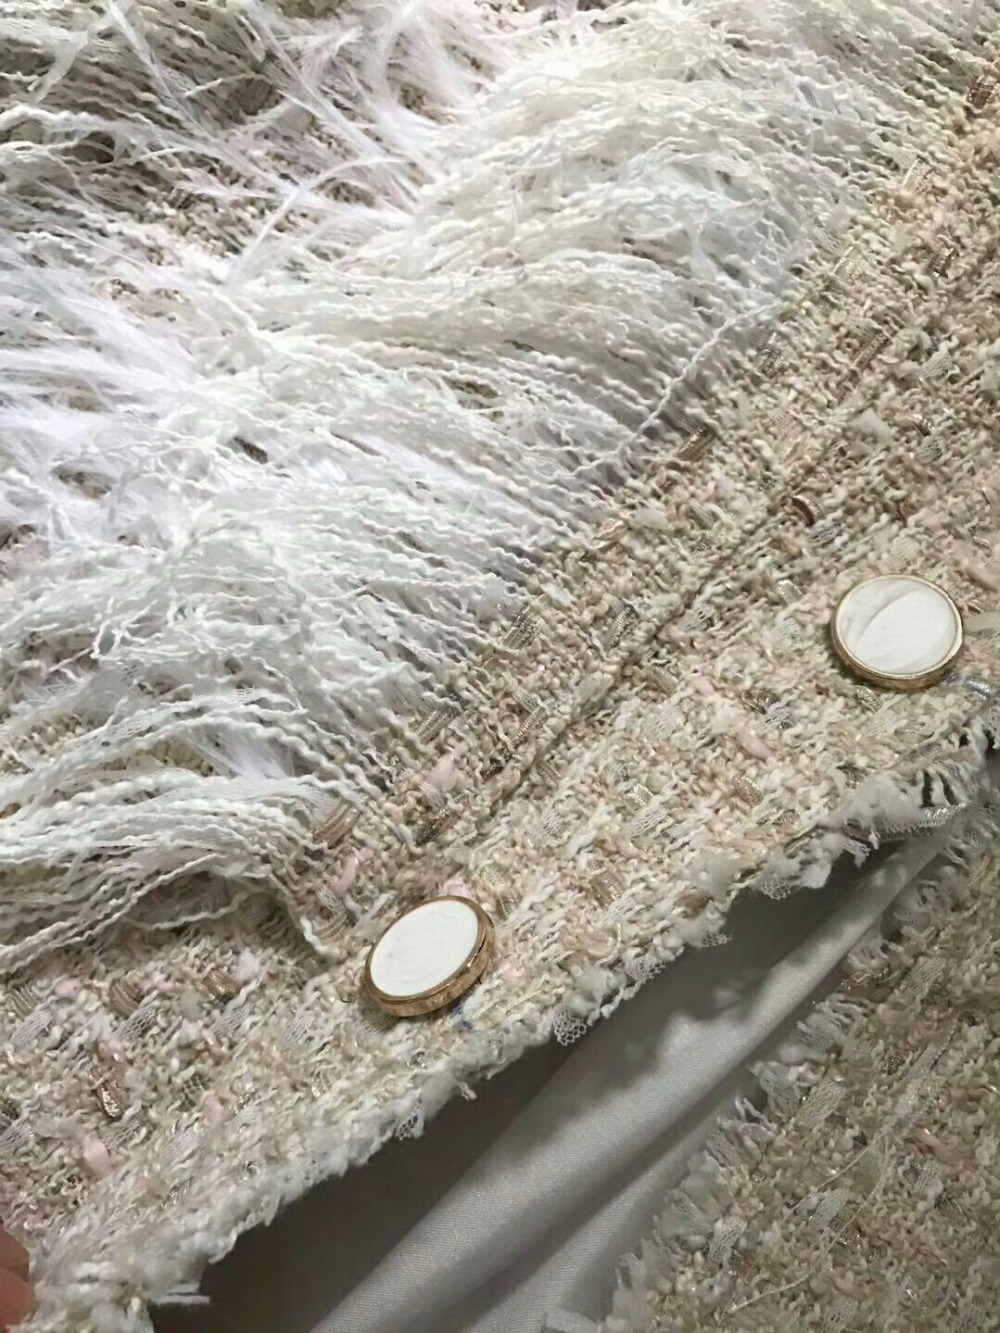 Occasionnel Et Plume Plus Tweed Ensemble Mujer 6xl La Veste Blanc VesteÉlégant Shorts Taille Deux Pièces Ensemble5xl Completo Femmes Incroyable On0XPkwN8